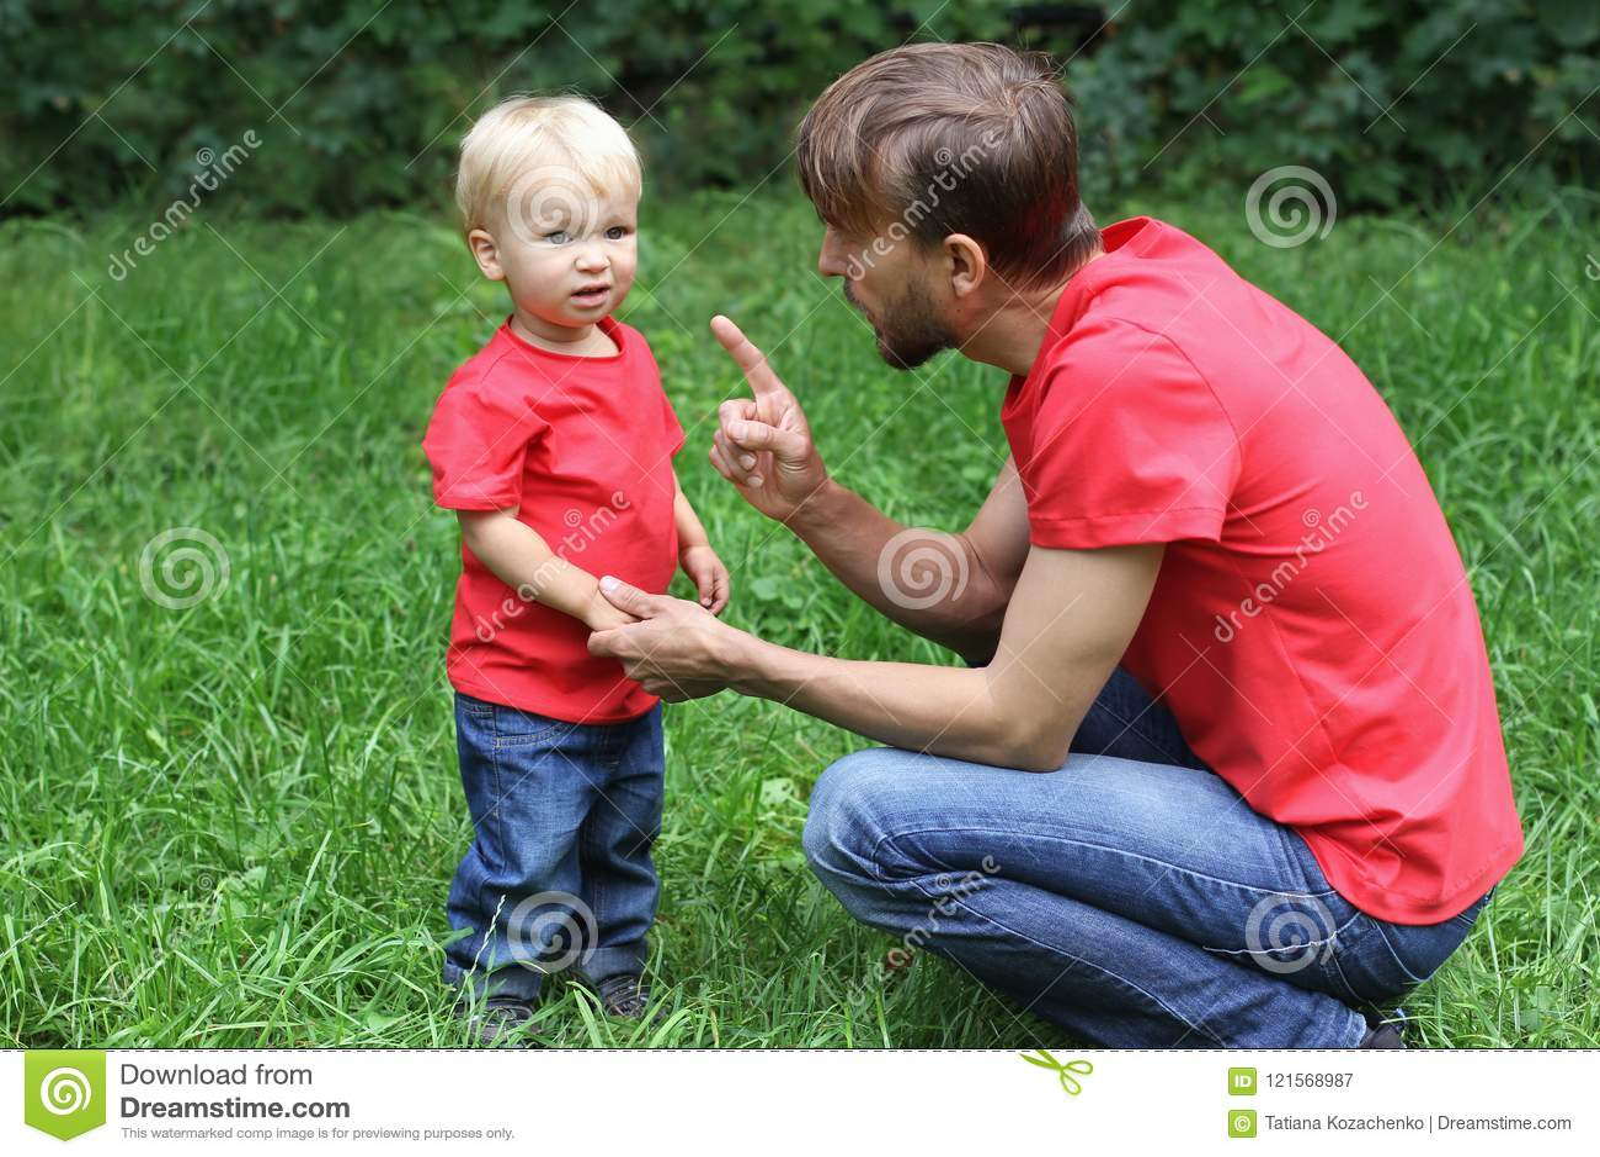 Отец эмоционально разговаривает с разочарованным ребенком Расстроенный малыш и его папа Концепция затруднений воспитания Одежда в